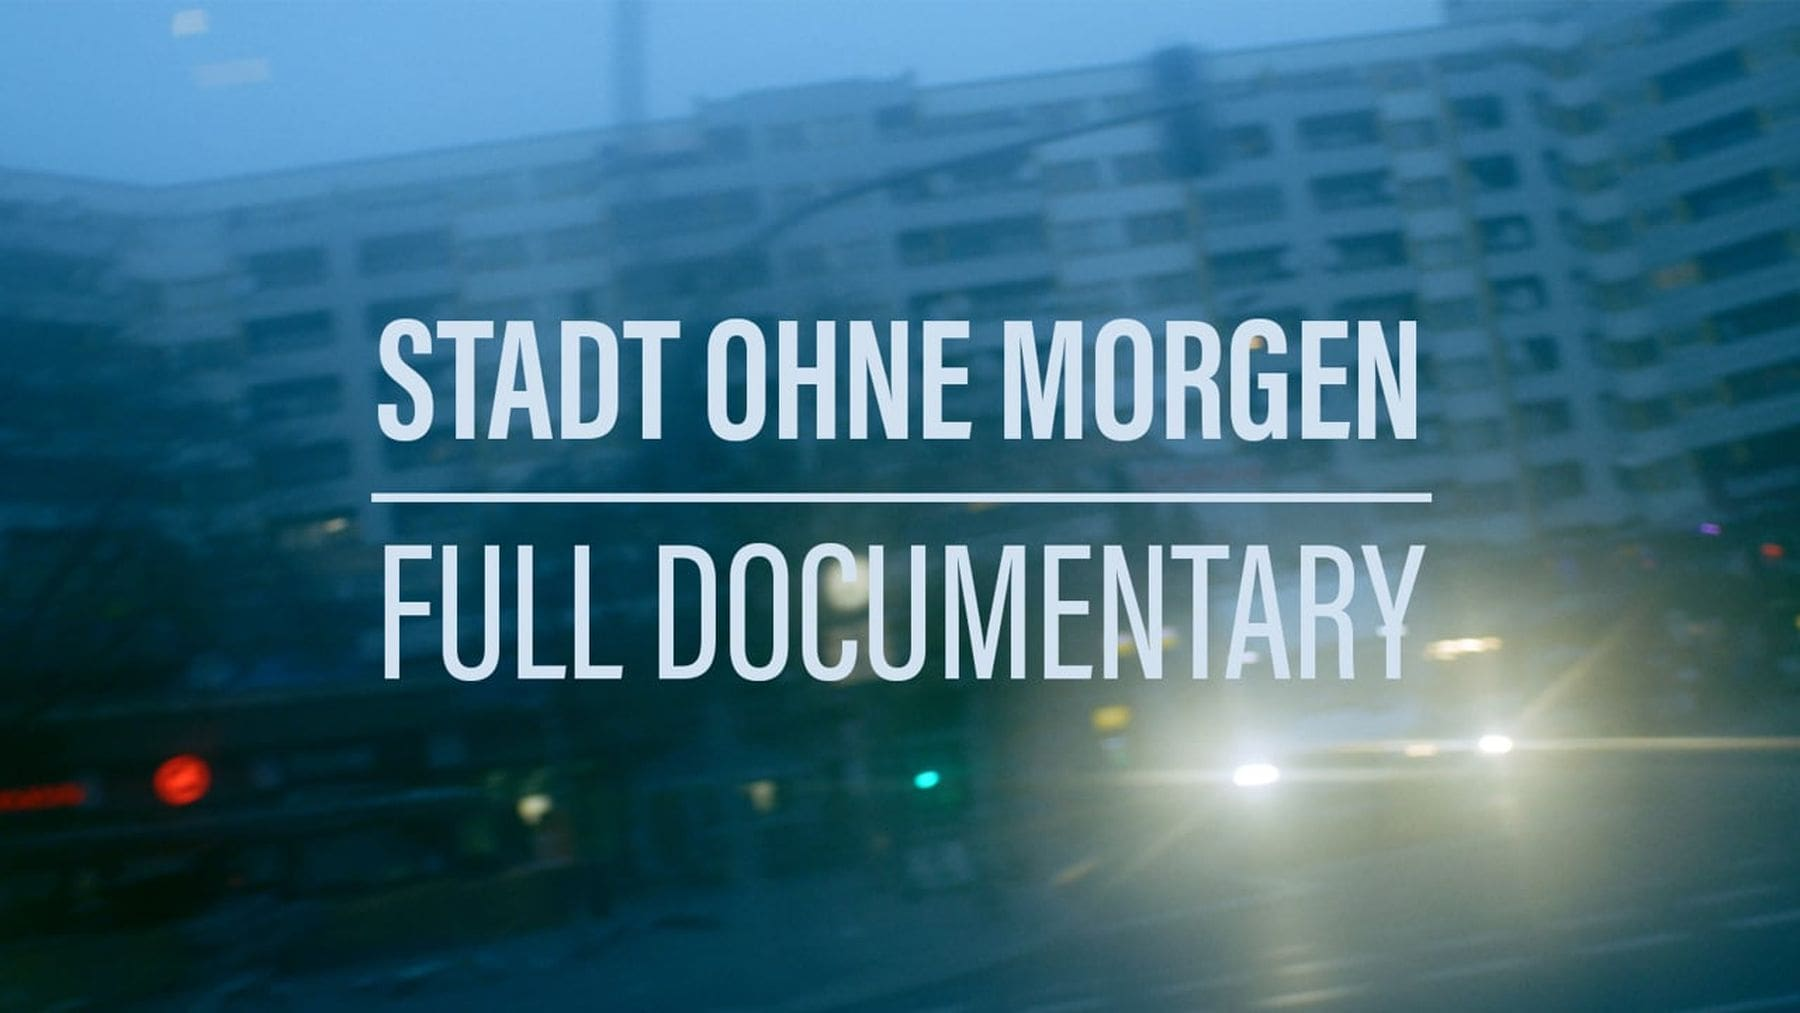 Dokumentation: Stadt ohne Morgen | Zeitgeschichte | Was is hier eigentlich los?